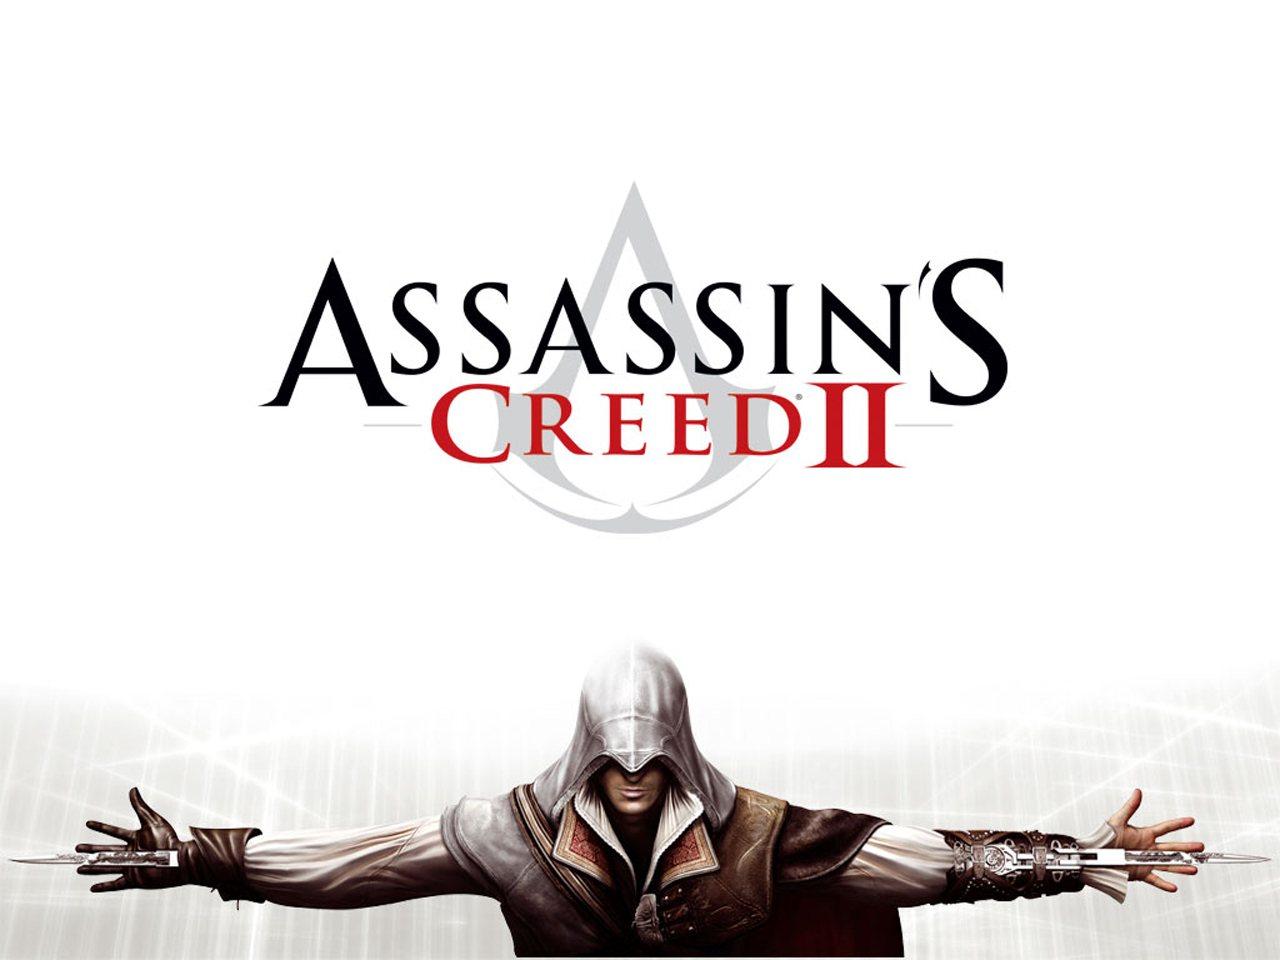 http://2.bp.blogspot.com/_UZVzgr2Xpa4/TPKVNyZfdEI/AAAAAAAAAE0/KPLJb1RpcKU/s1600/assassins-creed-2-wallpaper-2.jpg